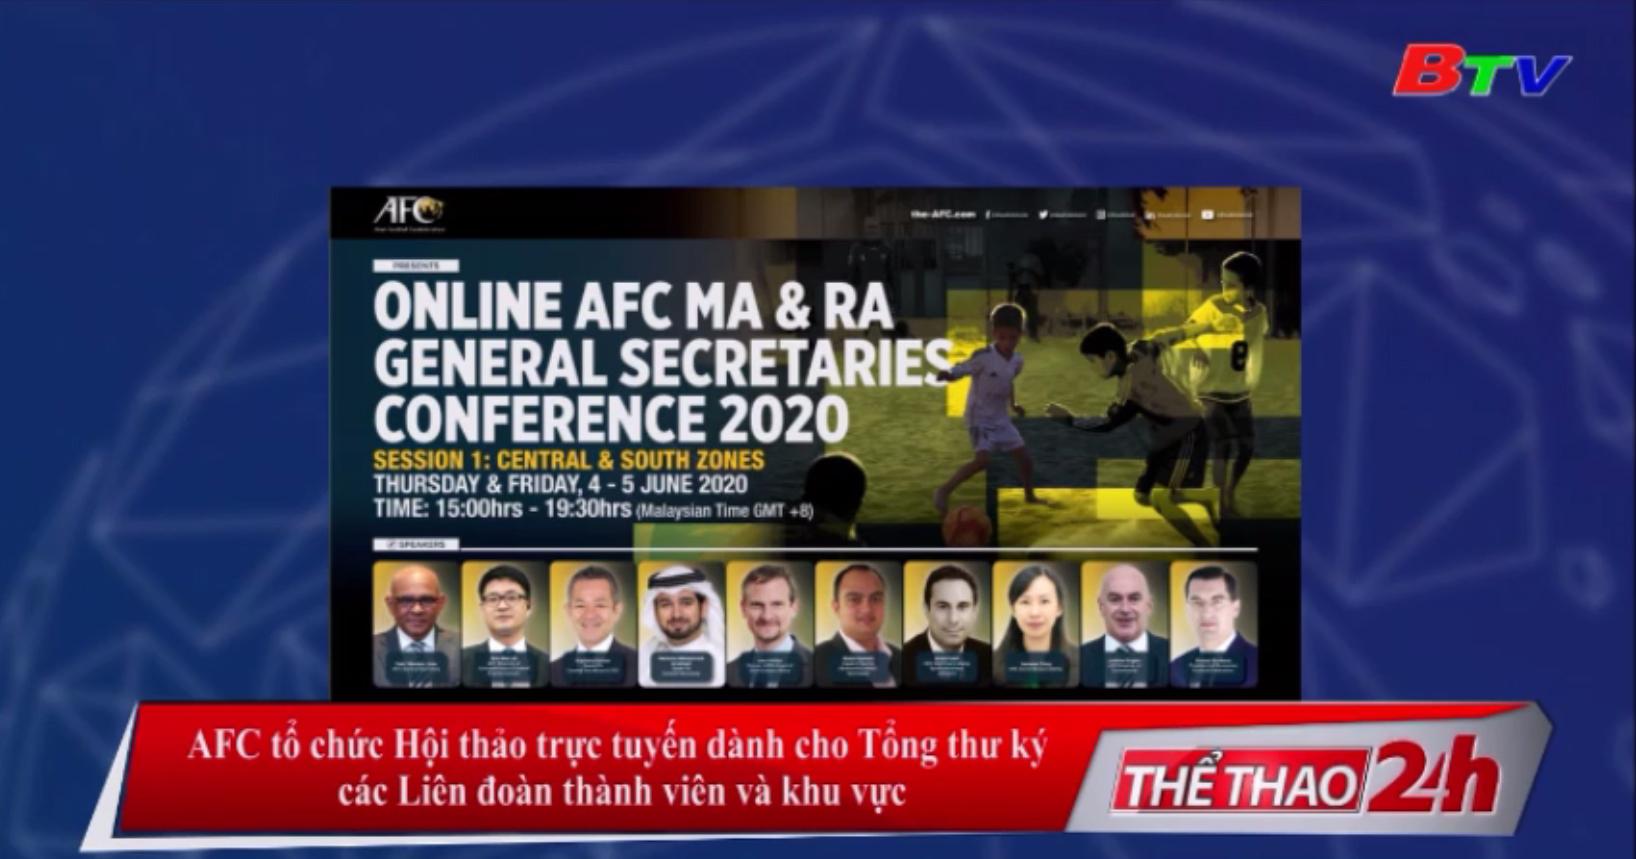 AFC tổ chức Hội thảo trực tuyến dành cho Tổng Thư ký các liên đoàn thành viên và khu vực